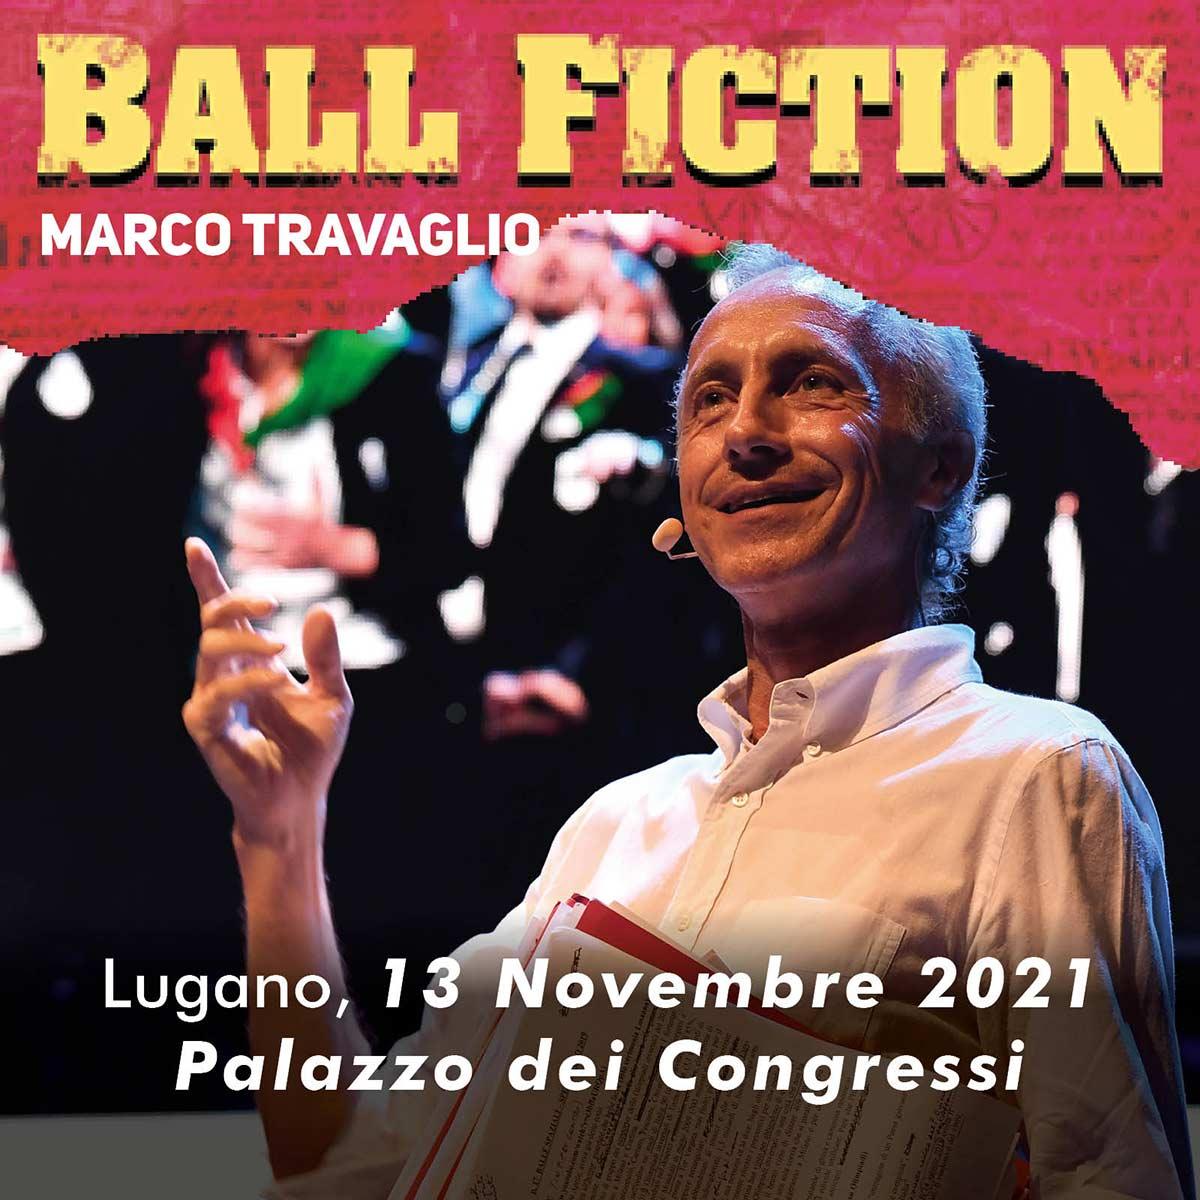 Ball Fiction Marco Travaglio LIVE show Saturday 13 November 2021 at 9 pm Palazzo dei Congressi Lugano